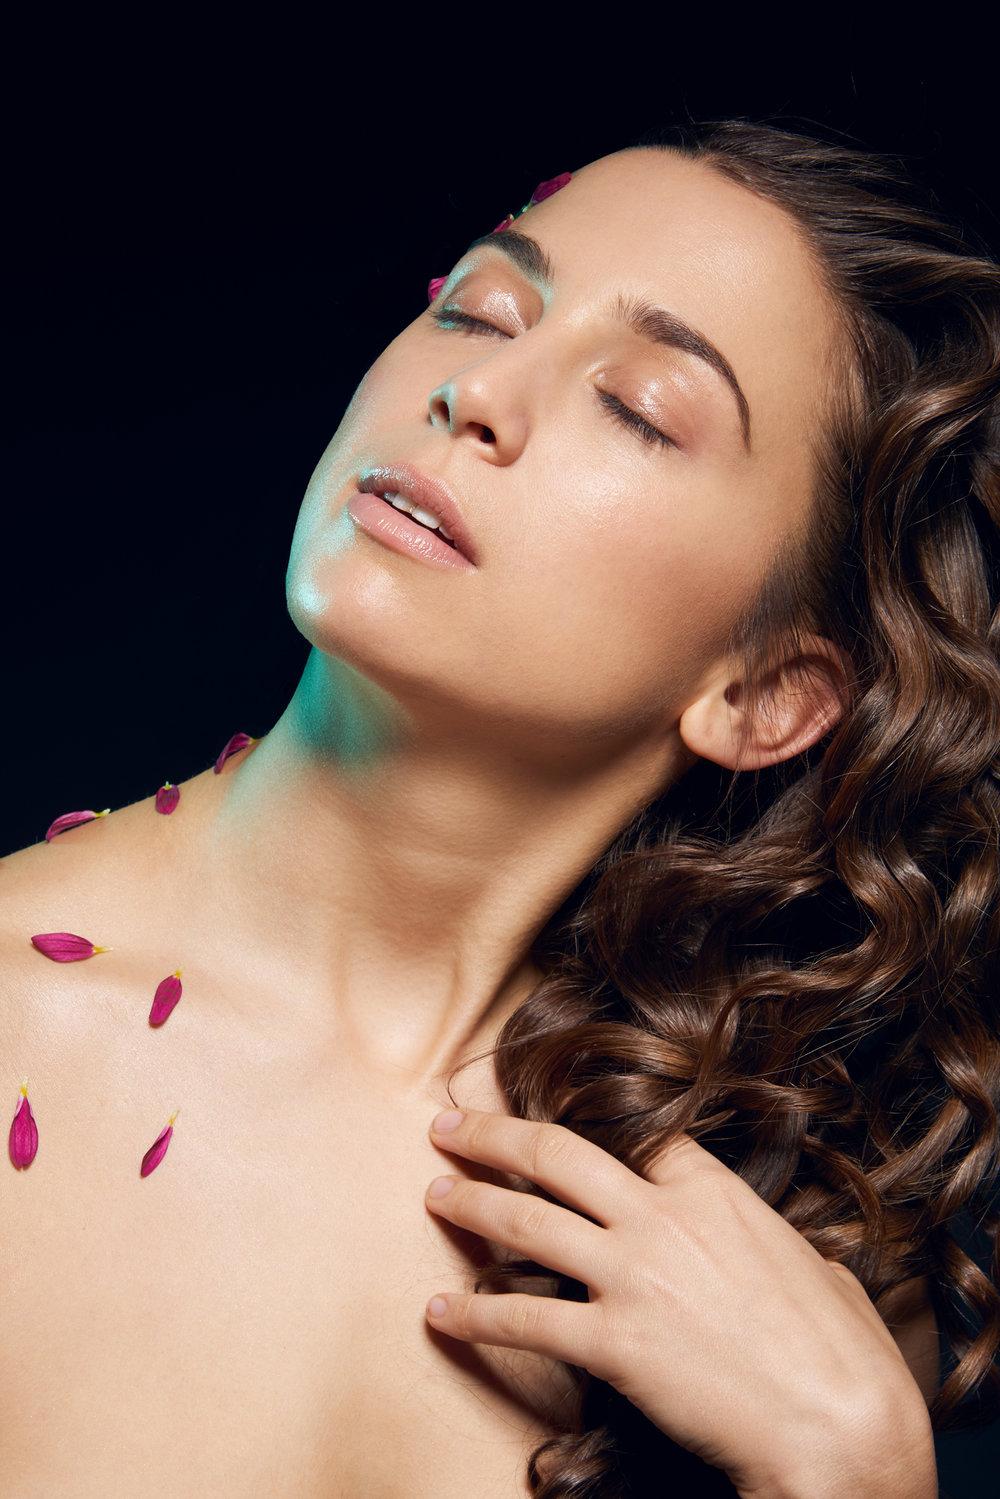 Model: Nicole Vonarx  MUA:Charles Zambrano  Hair Stylist: Helene Marie